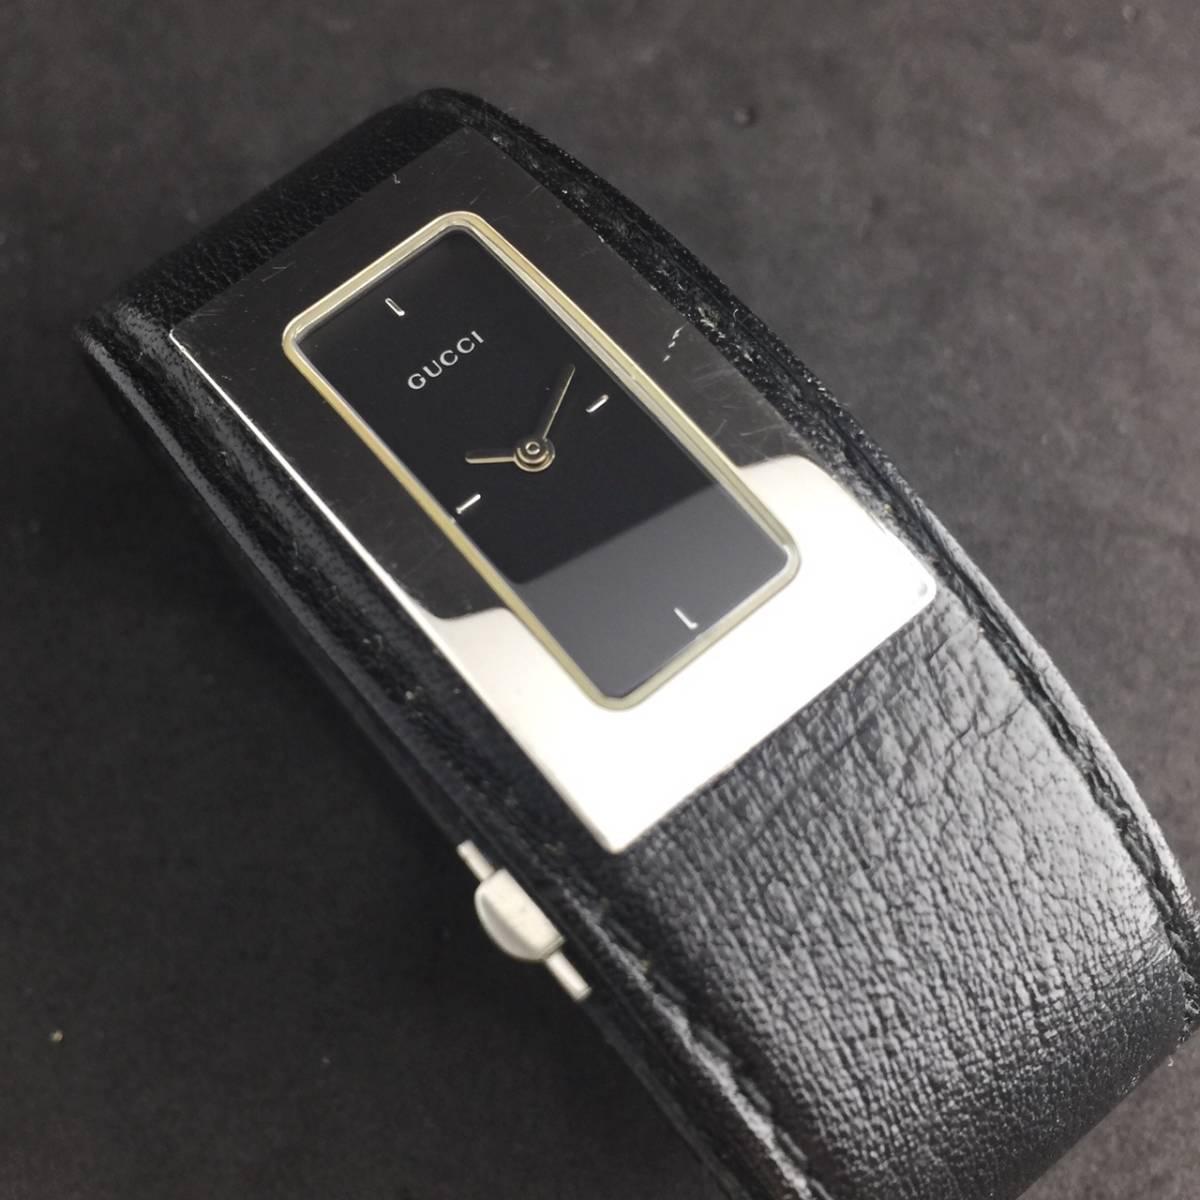 【1円箱付】GUCCI グッチ 腕時計 レディース 7800S レザー ブラックダイヤル スクエア 可動品_画像7